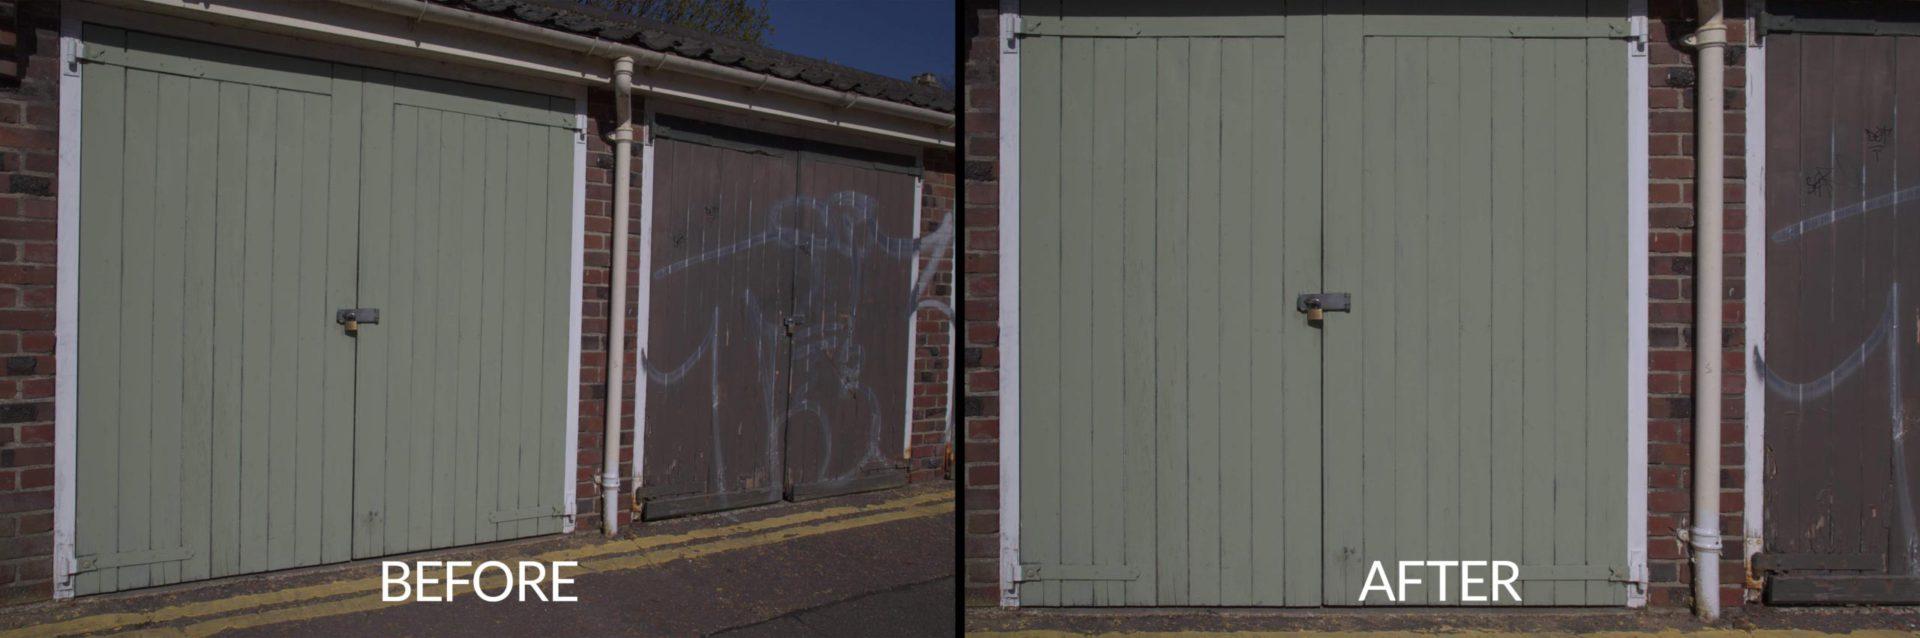 Keystone correction of garage door image - Imerge Pro 4 effects